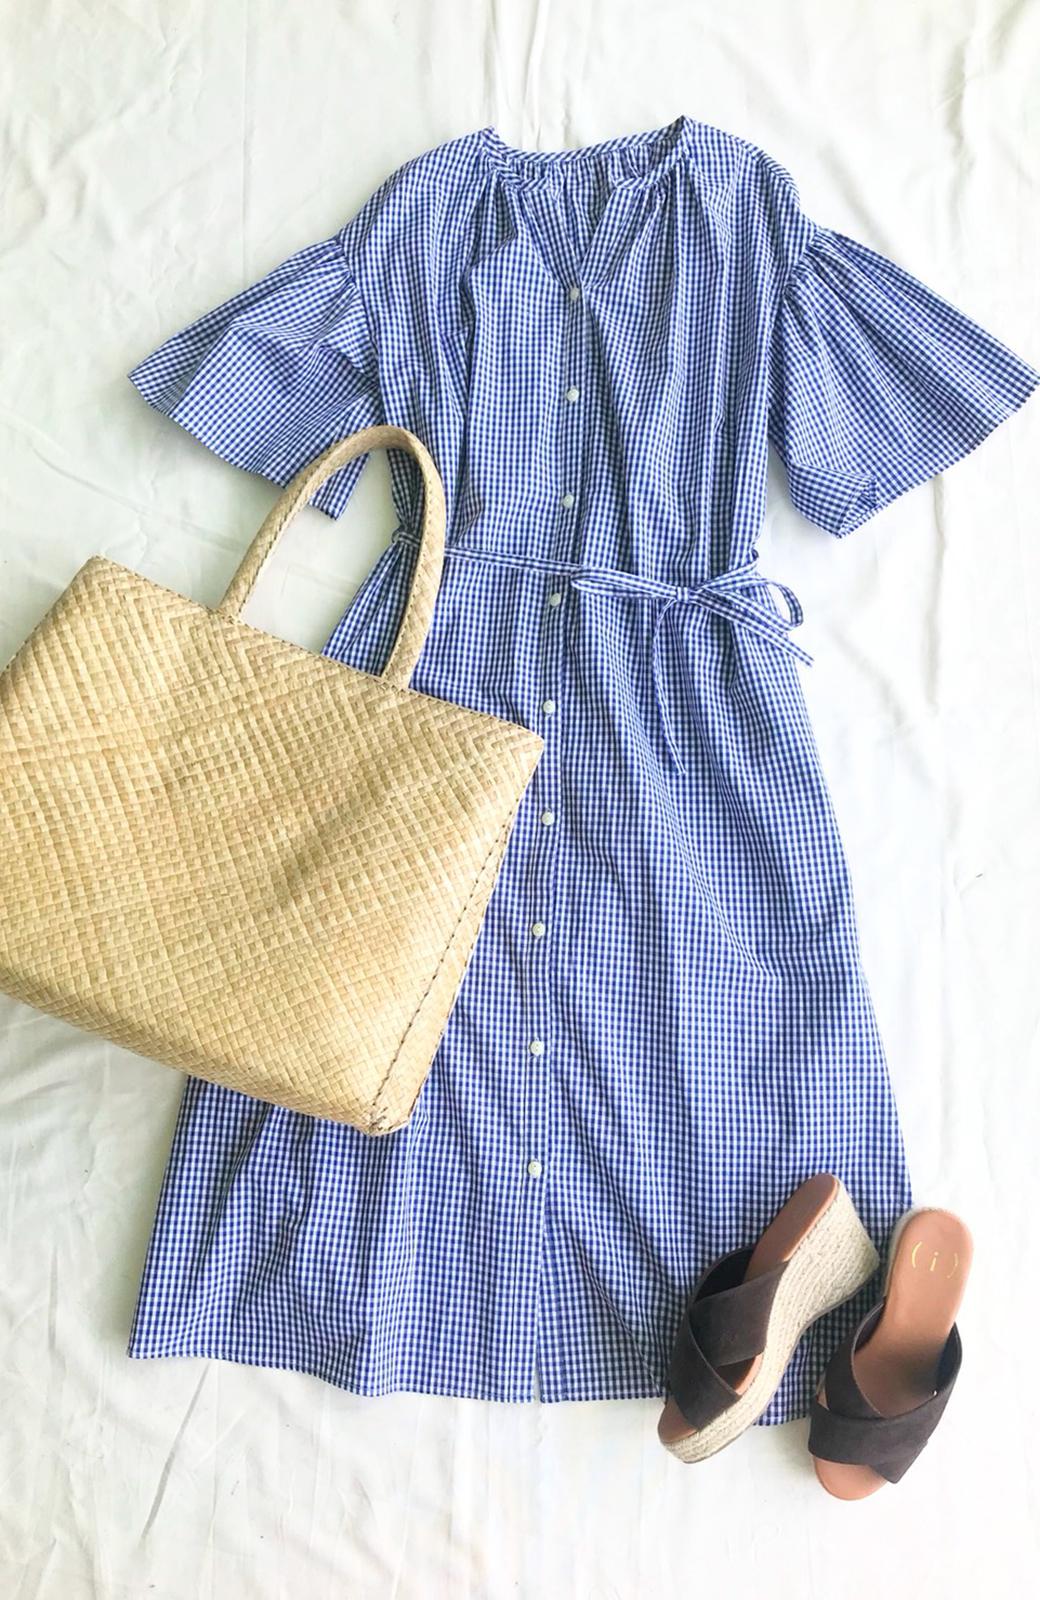 haco! 【スタッフスペシャルセット】ギリギリ女子ミオの夏のコーデに便利!手持ちのTシャツといけるんちゃうかセット  <その他>の商品写真20